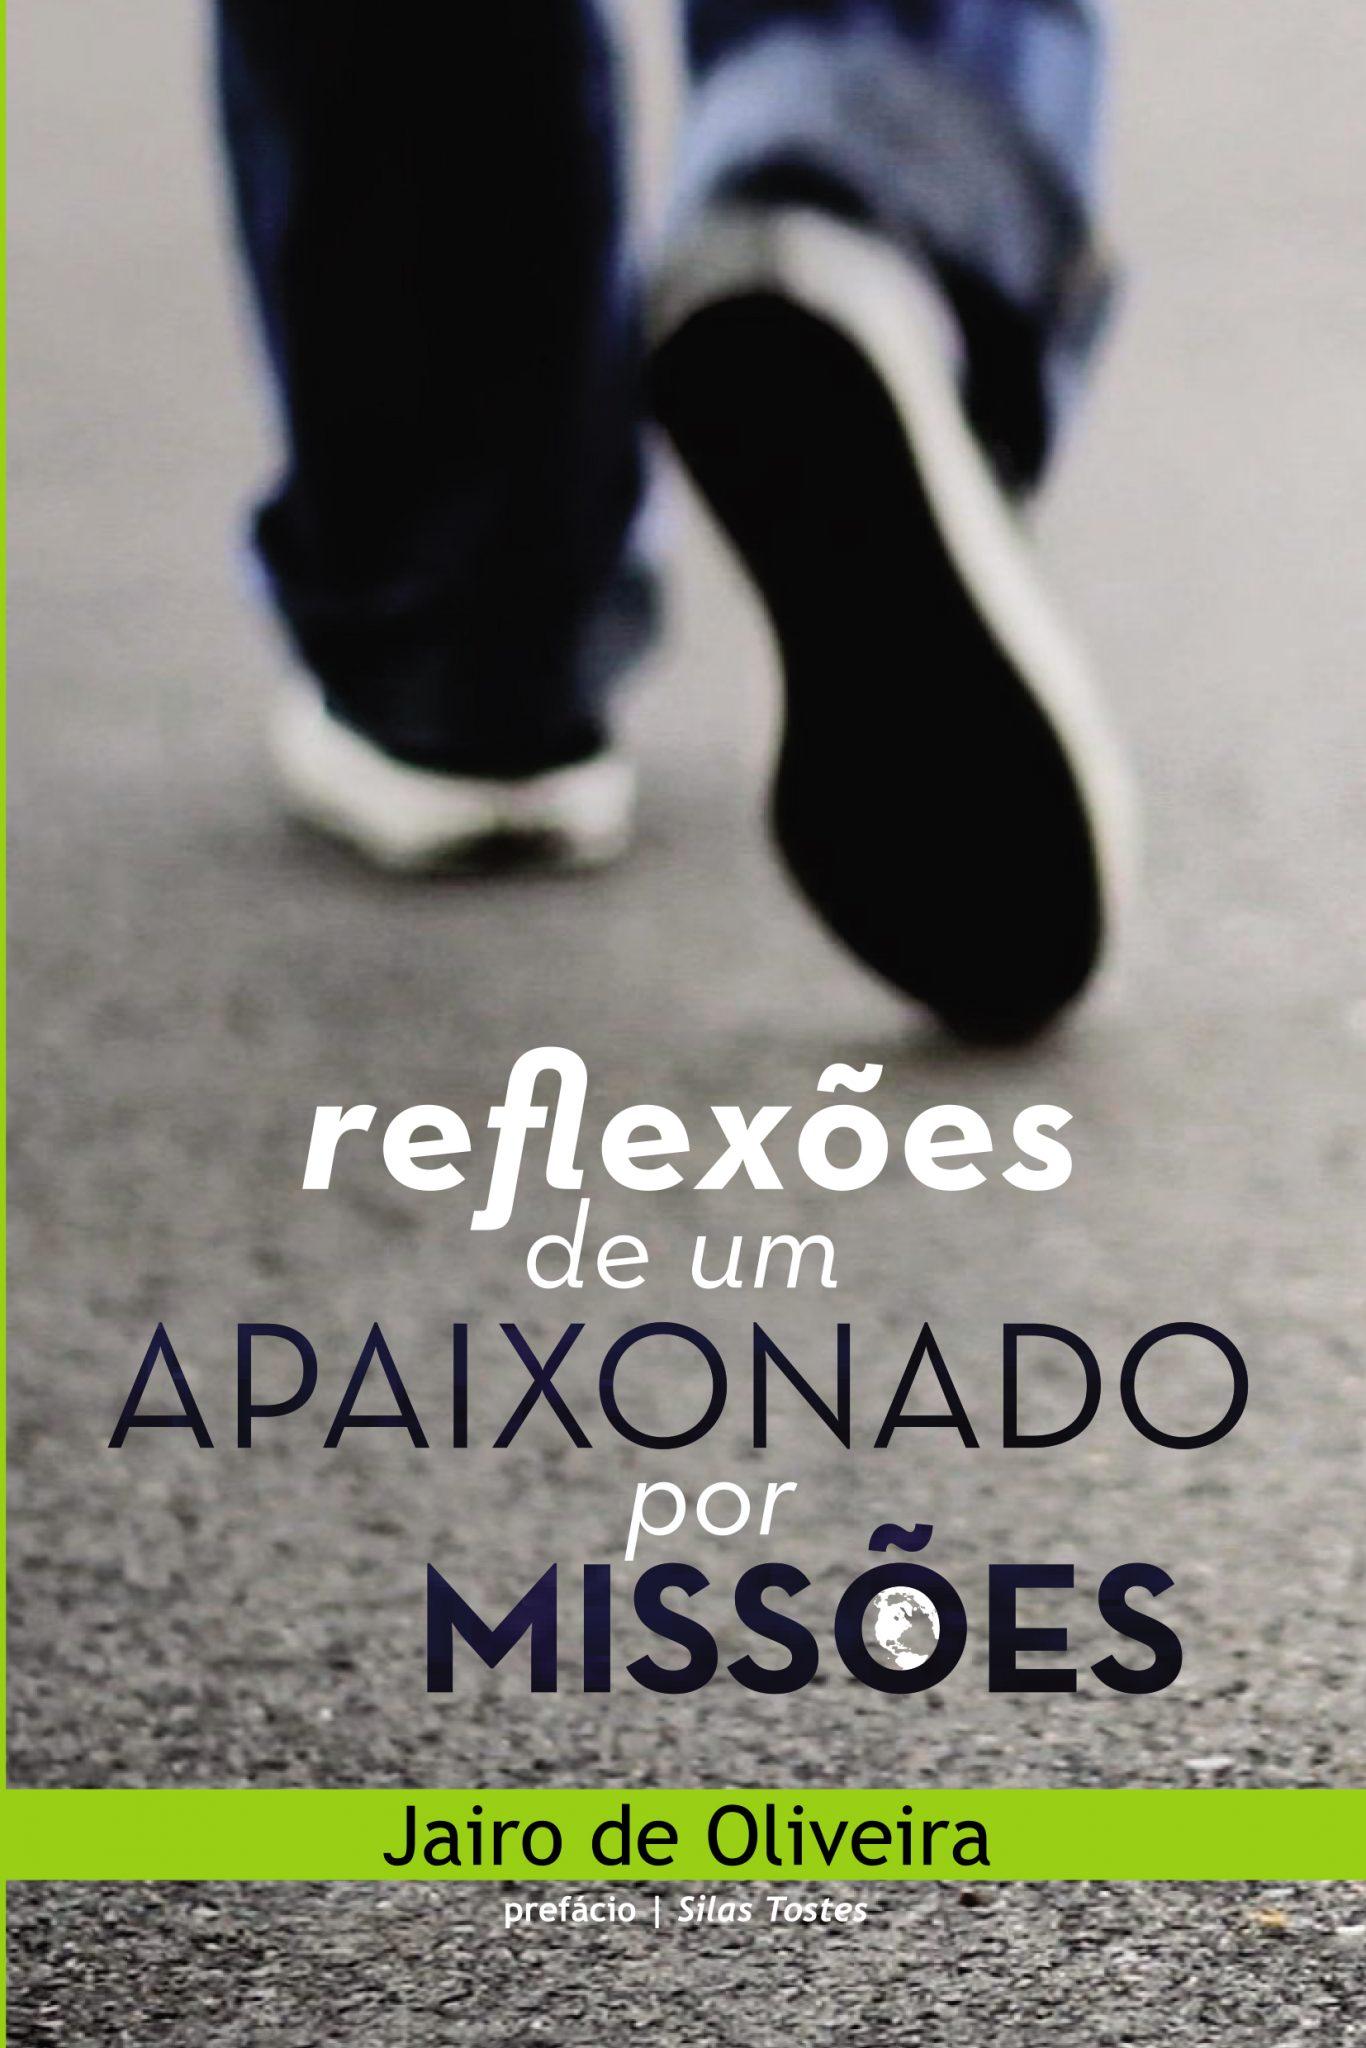 Capa Reflexões1.cdr